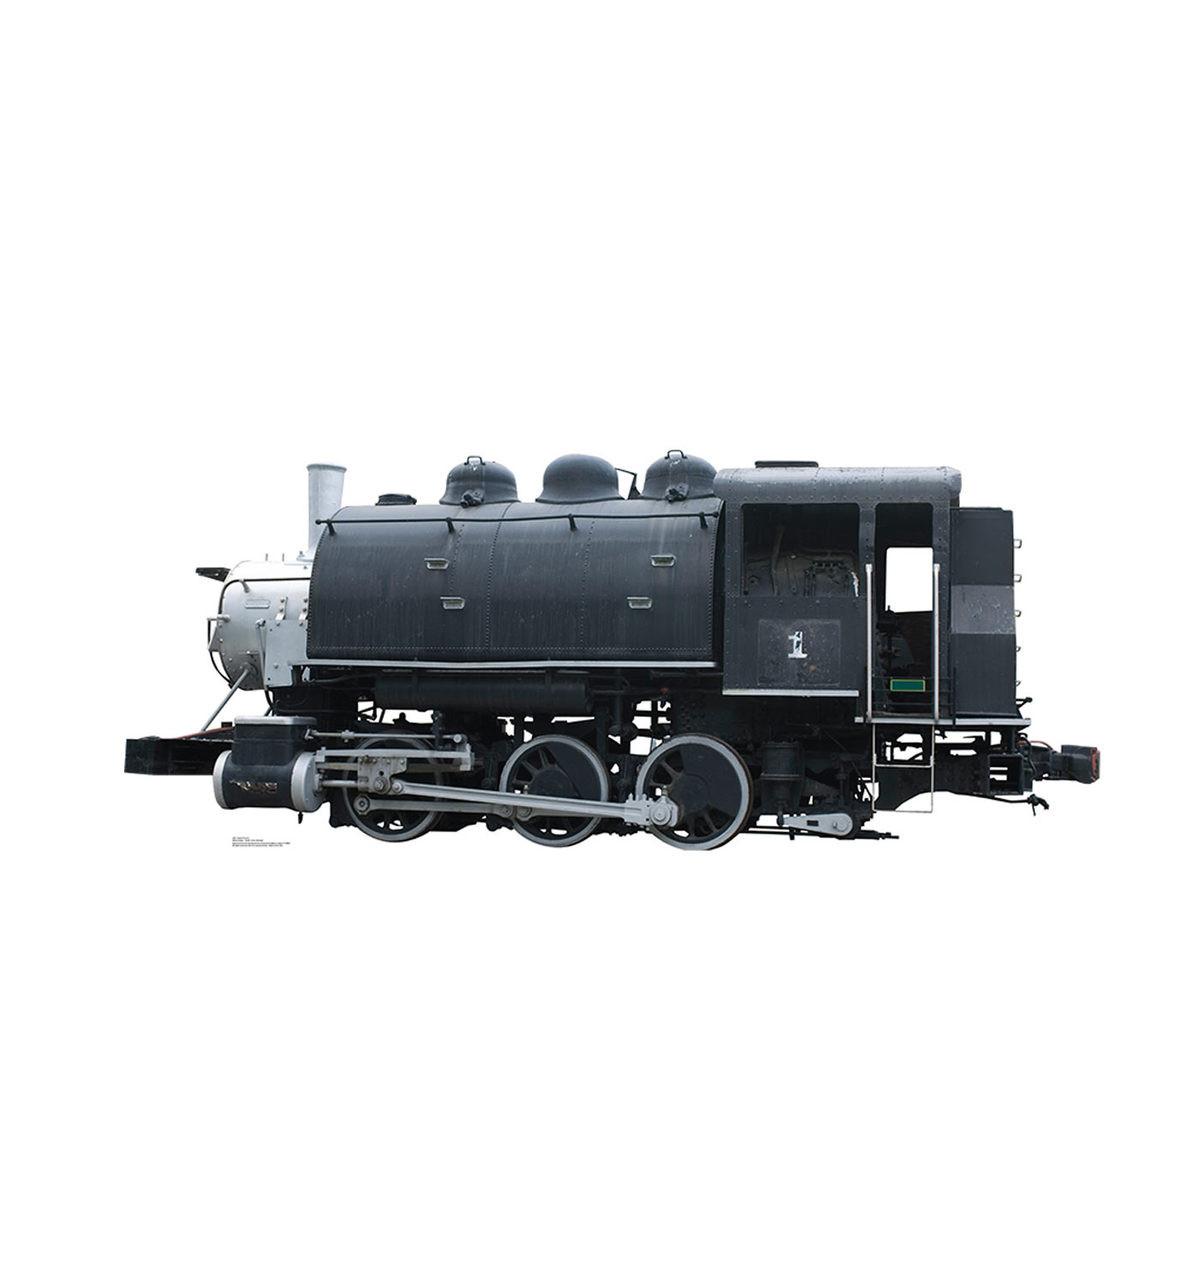 Steam Train #1 Cardboard Cutout 2001